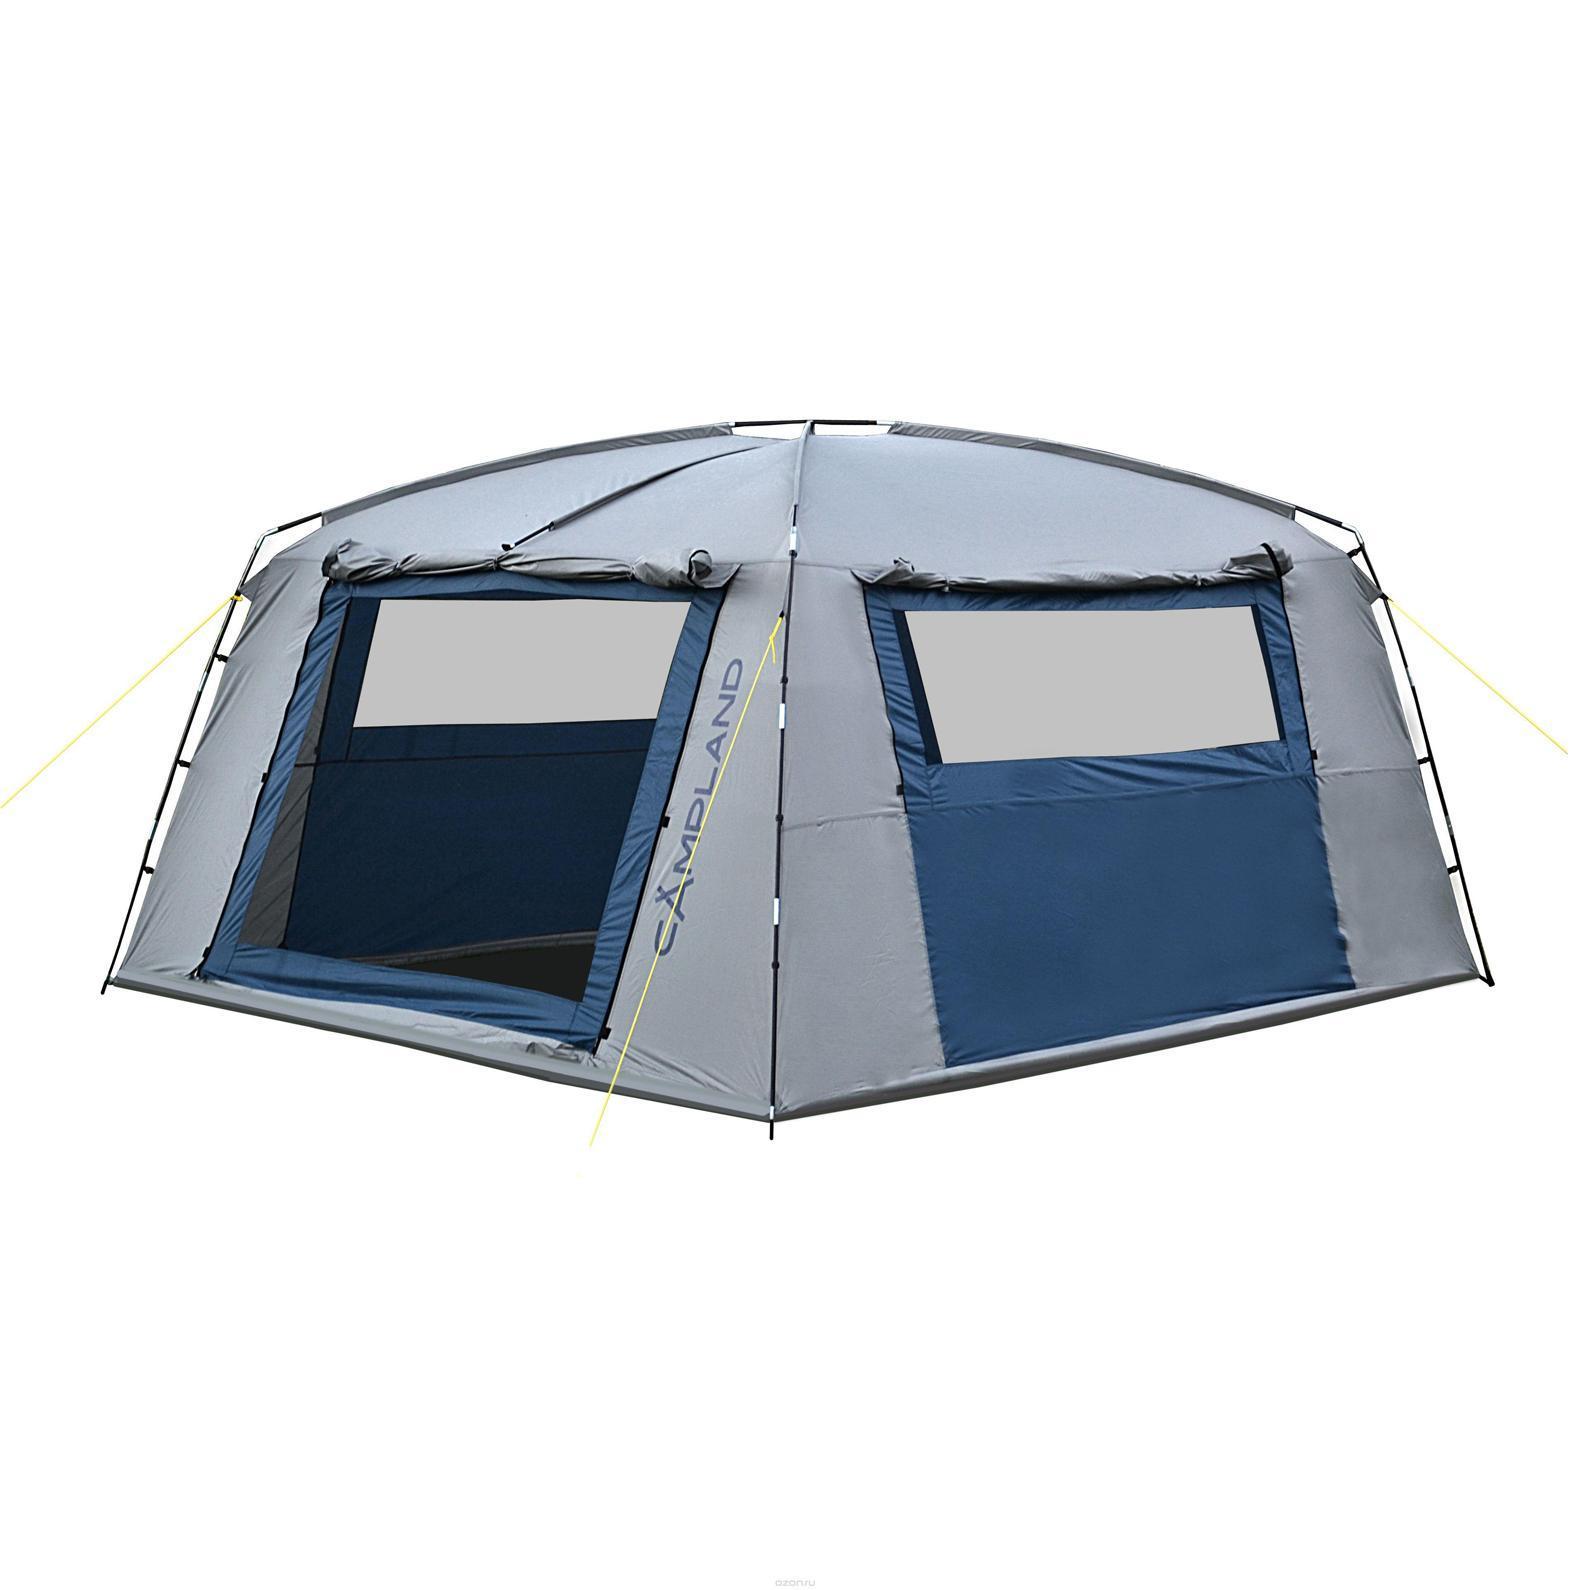 Тент шатер CAMPLAND FORT 335, цвет: серый, синий - Мебель для отдыха